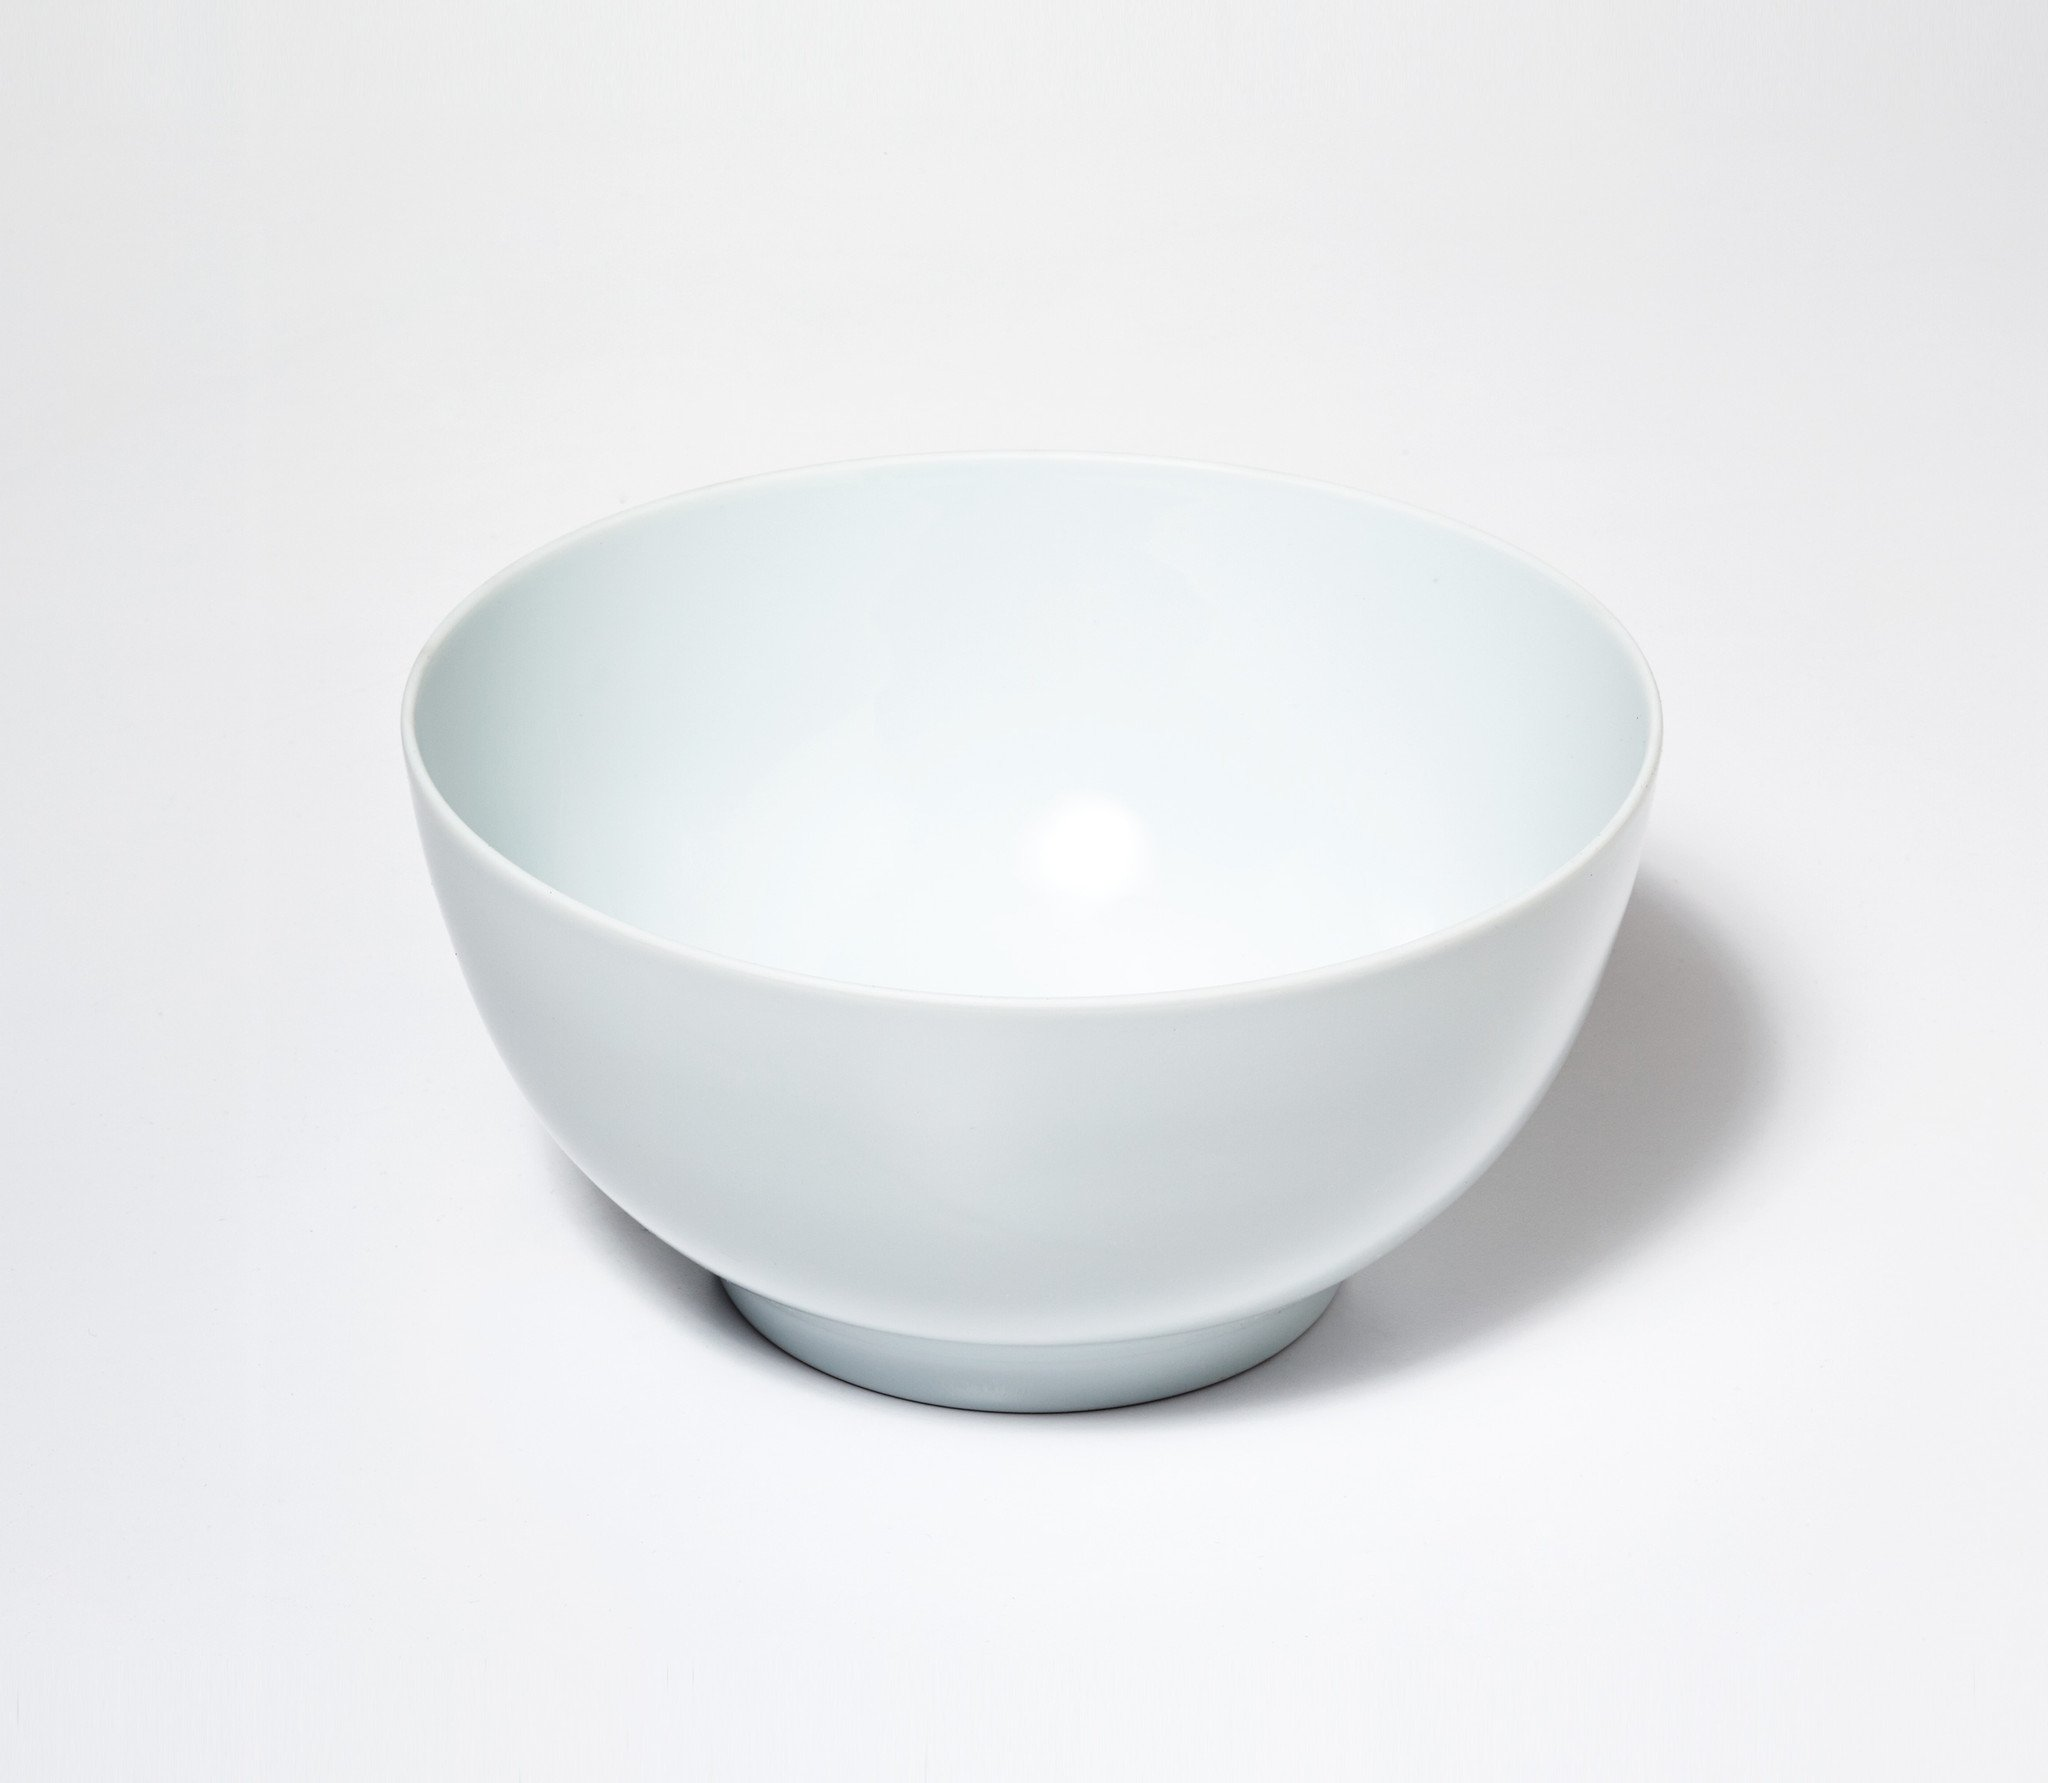 Large Serving Bowls - Porcelain Large Serving Bowl | Snowe